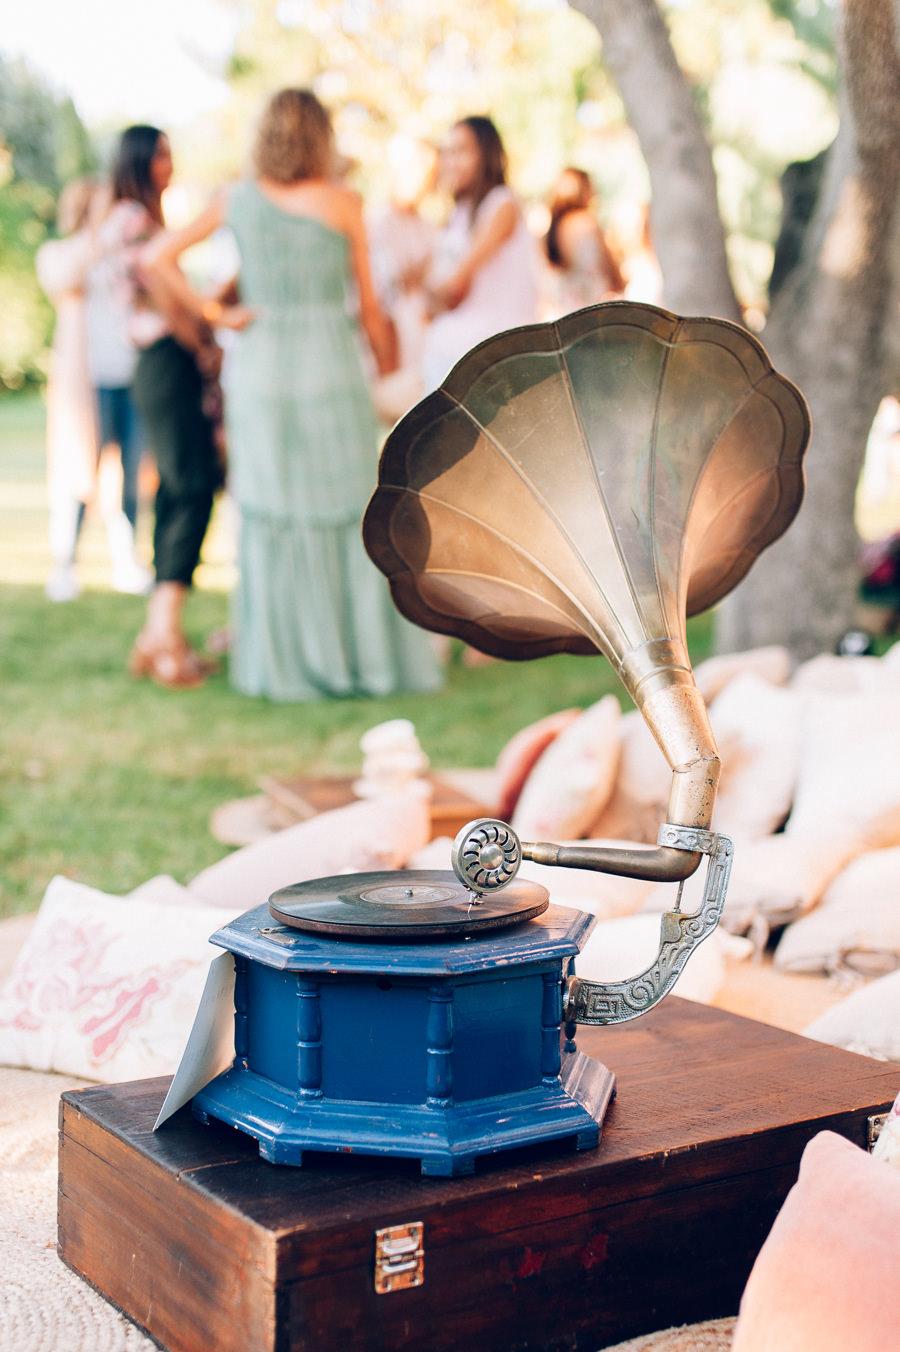 Photocall romantico con tules y cojines 5